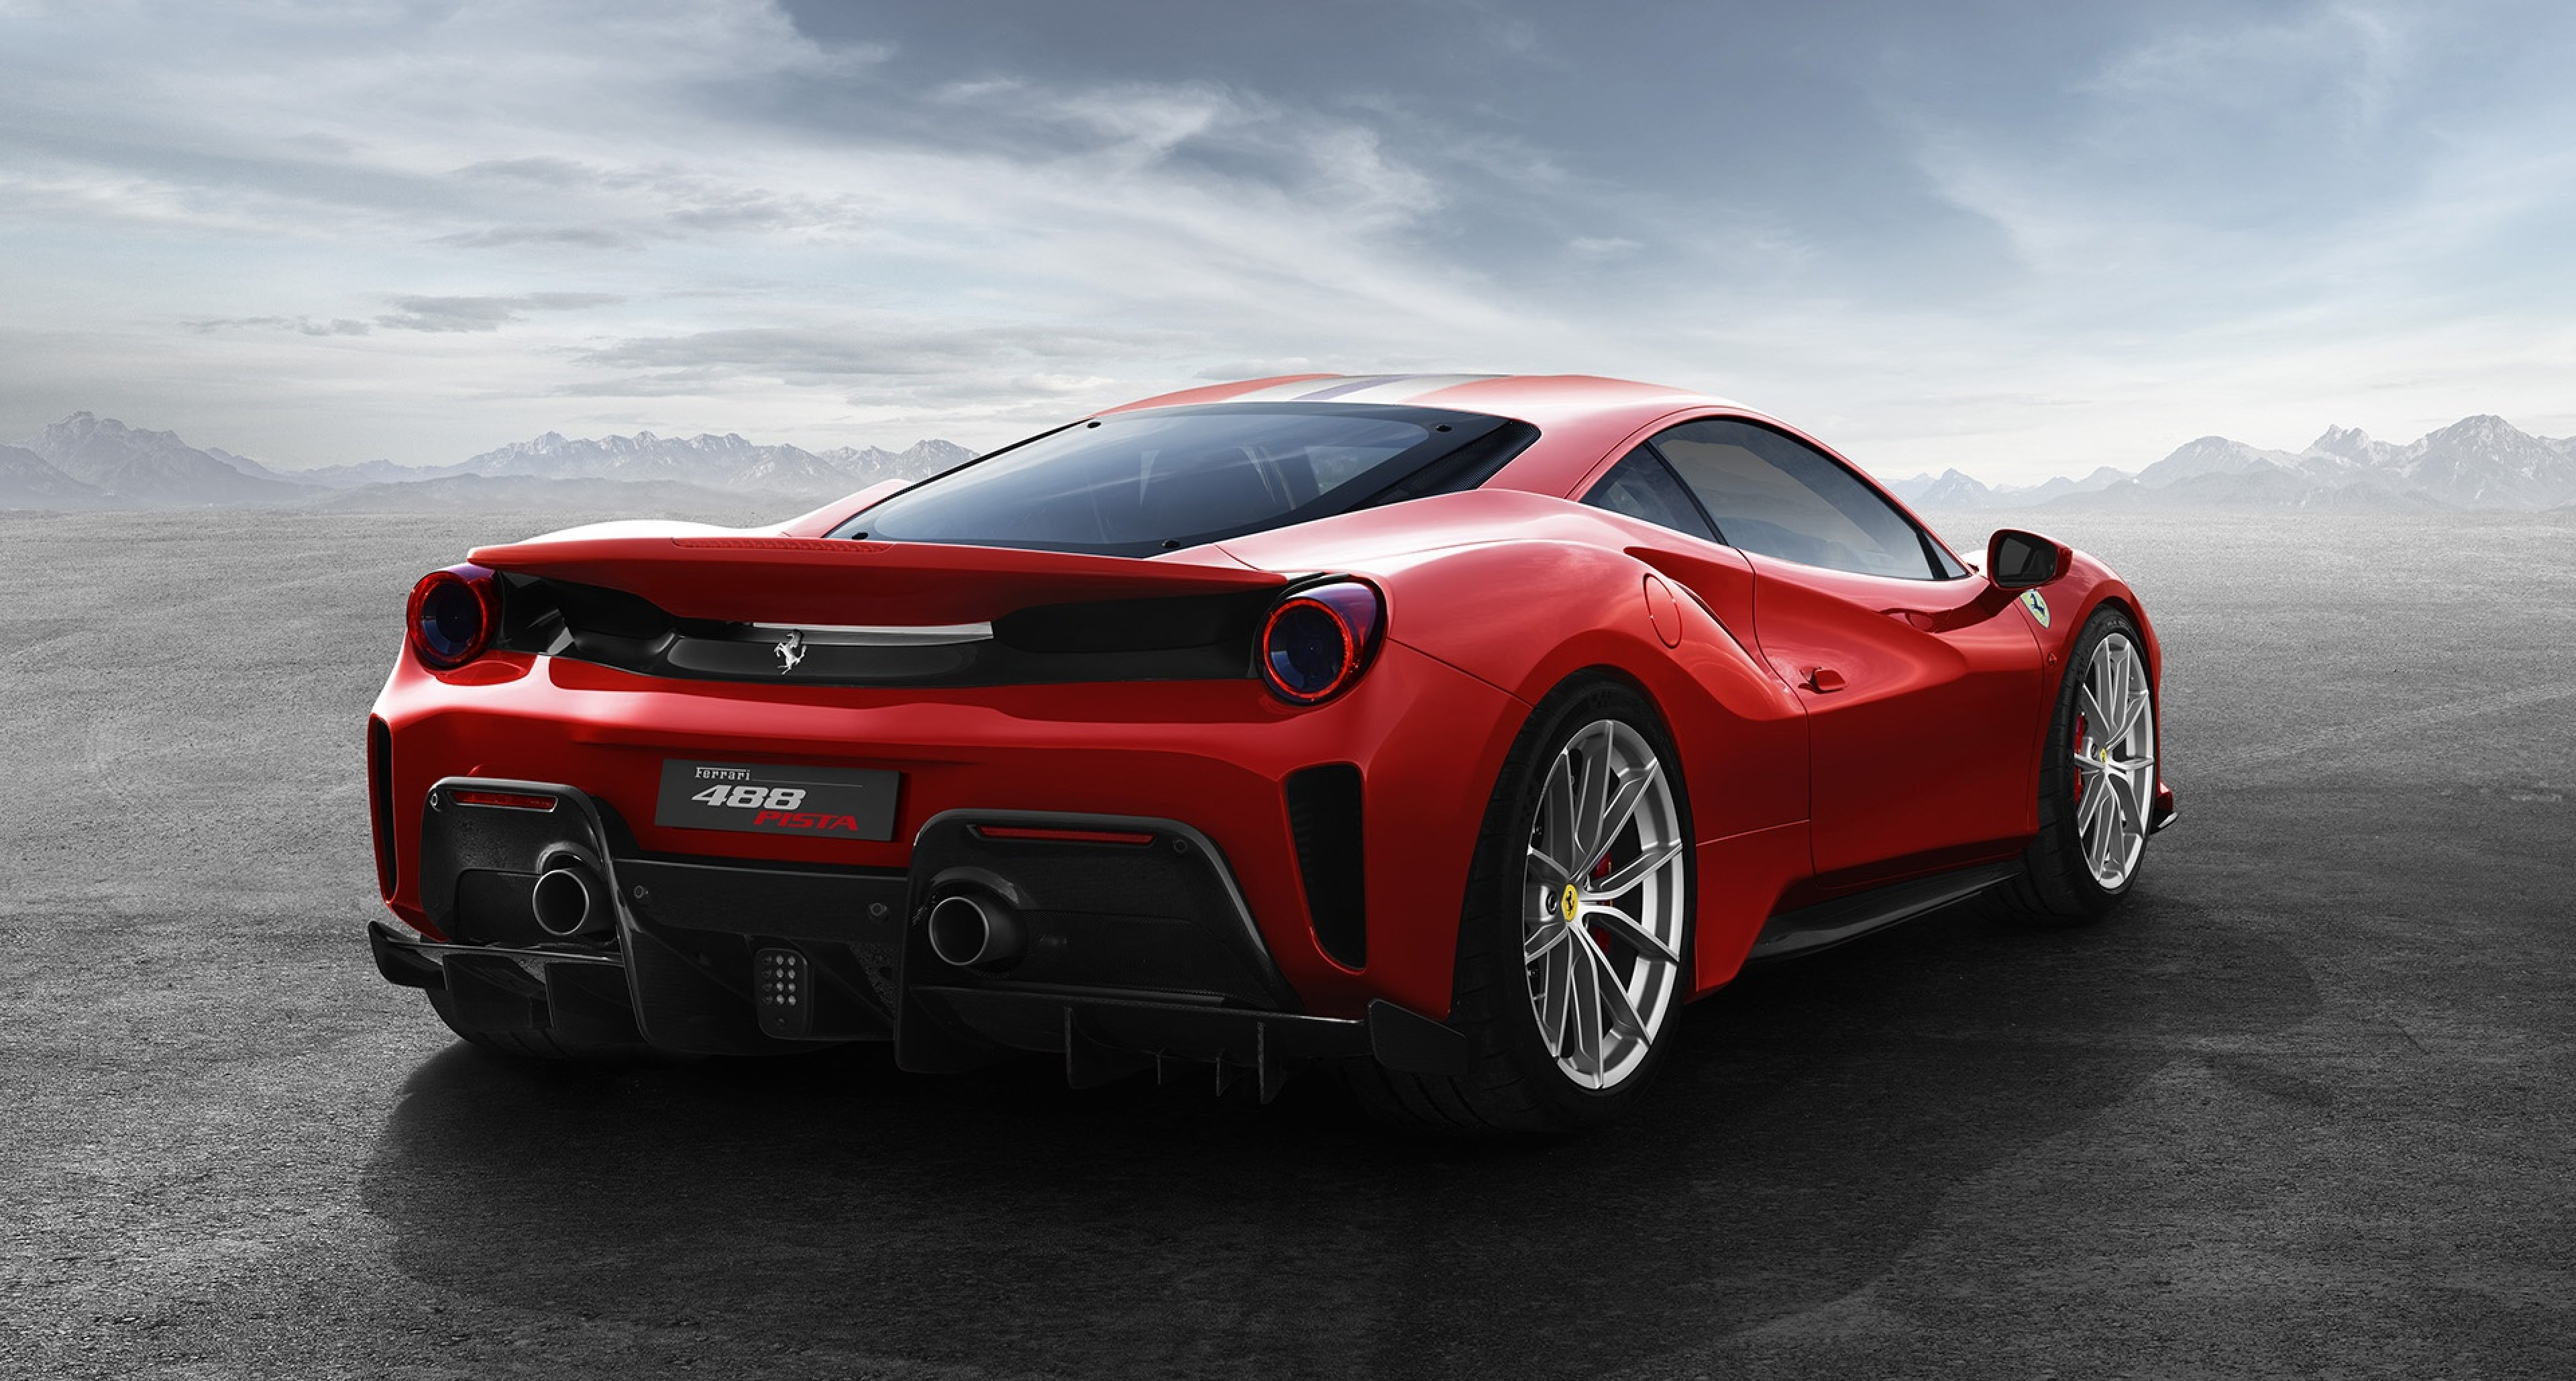 Jetzt Ist Es Offiziell So Sieht Der Neue Ferrari 488 Pista Aus Classic Driver Magazine